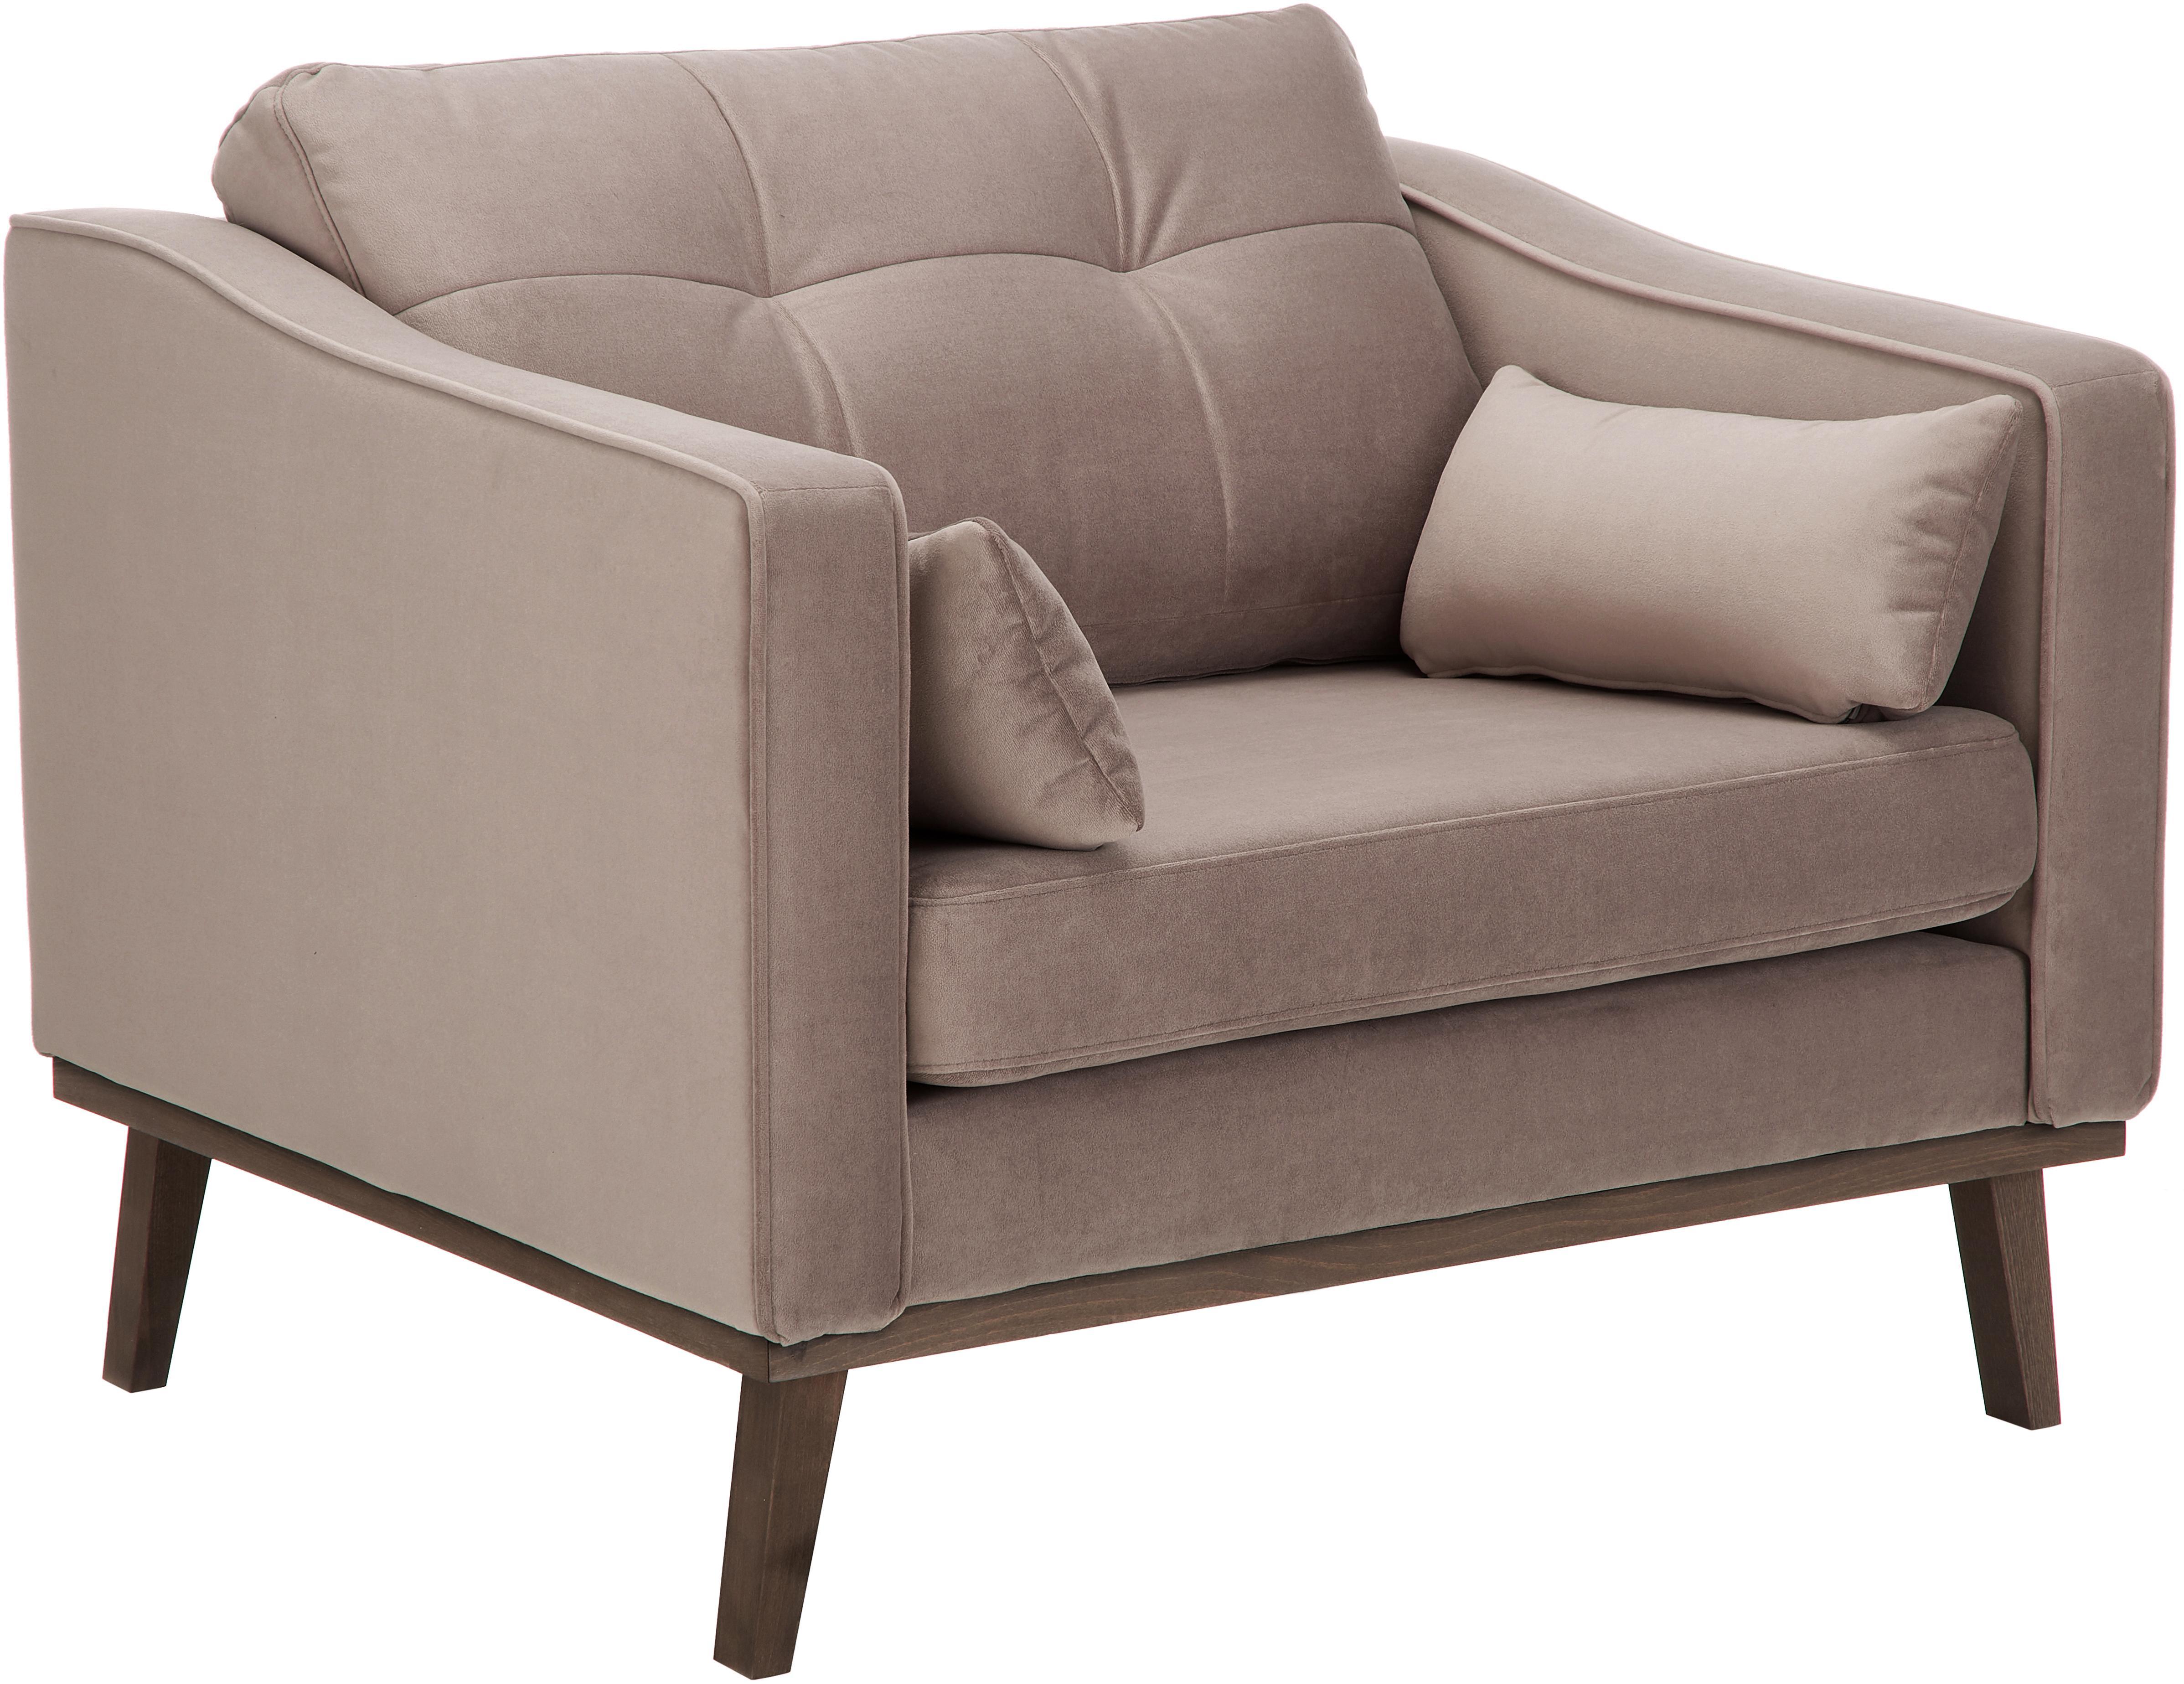 Fotel z aksamitu Alva, Tapicerka: aksamit (wysokiej jakości, Stelaż: drewno sosnowe, Nogi: lite drewno bukowe, barwi, Tapicerka: taupe Nogi: drewno bukowe, ciemno barwione, S 102 x G 92 cm